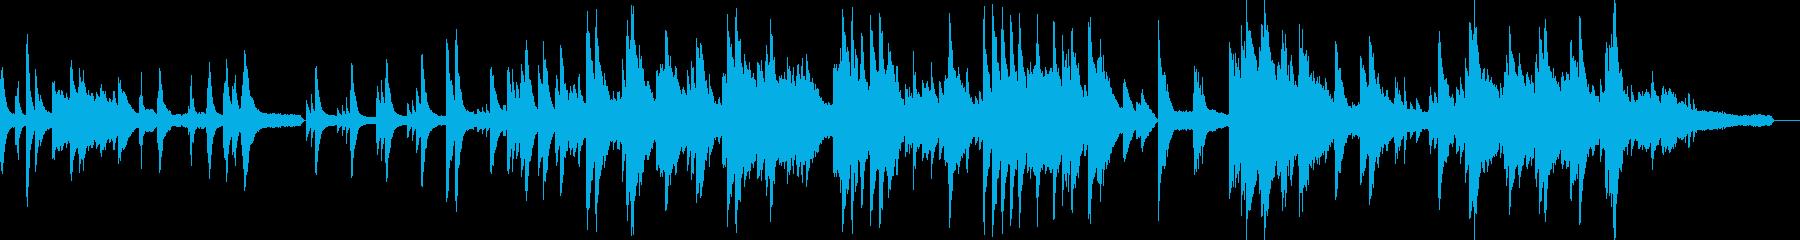 優しく愛溢れる感動的ソロ・ピアノバラードの再生済みの波形